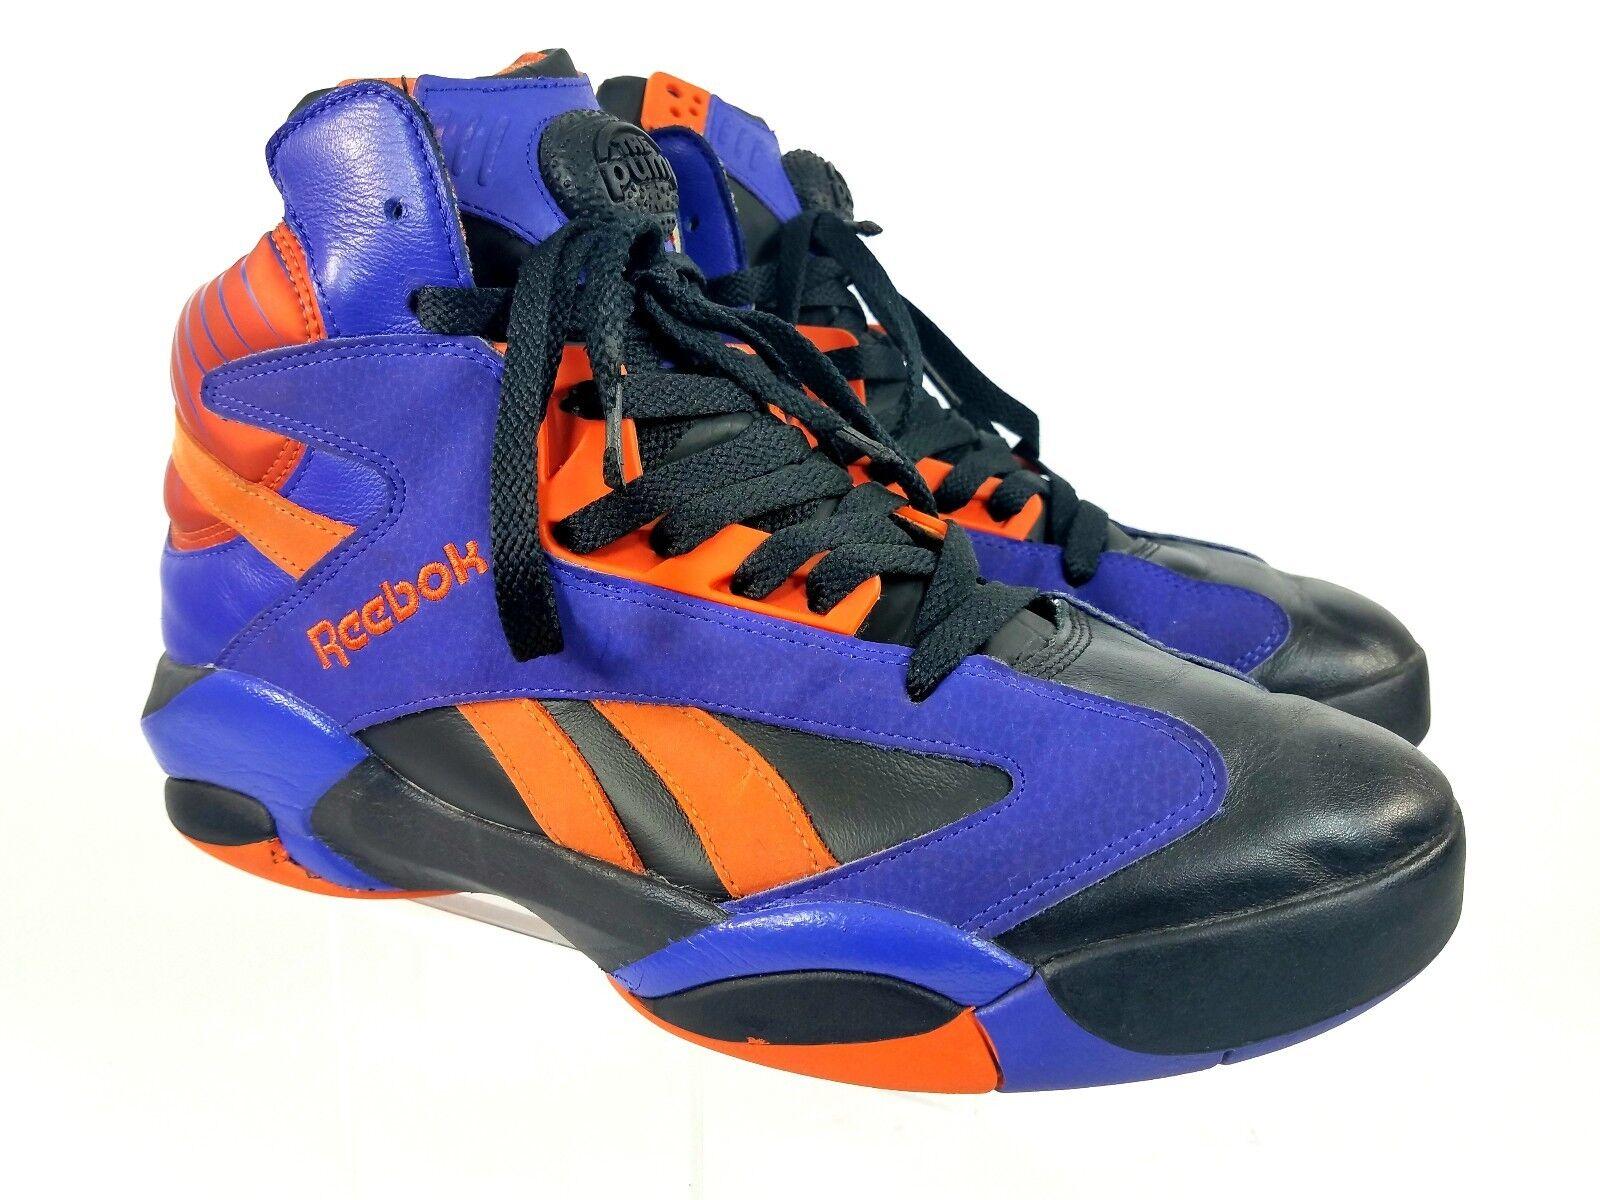 Reebok Shaq Attaq Big Shaqtus Phoenix Suns The Pump Purple Orange Uomo Sz 10 GUC